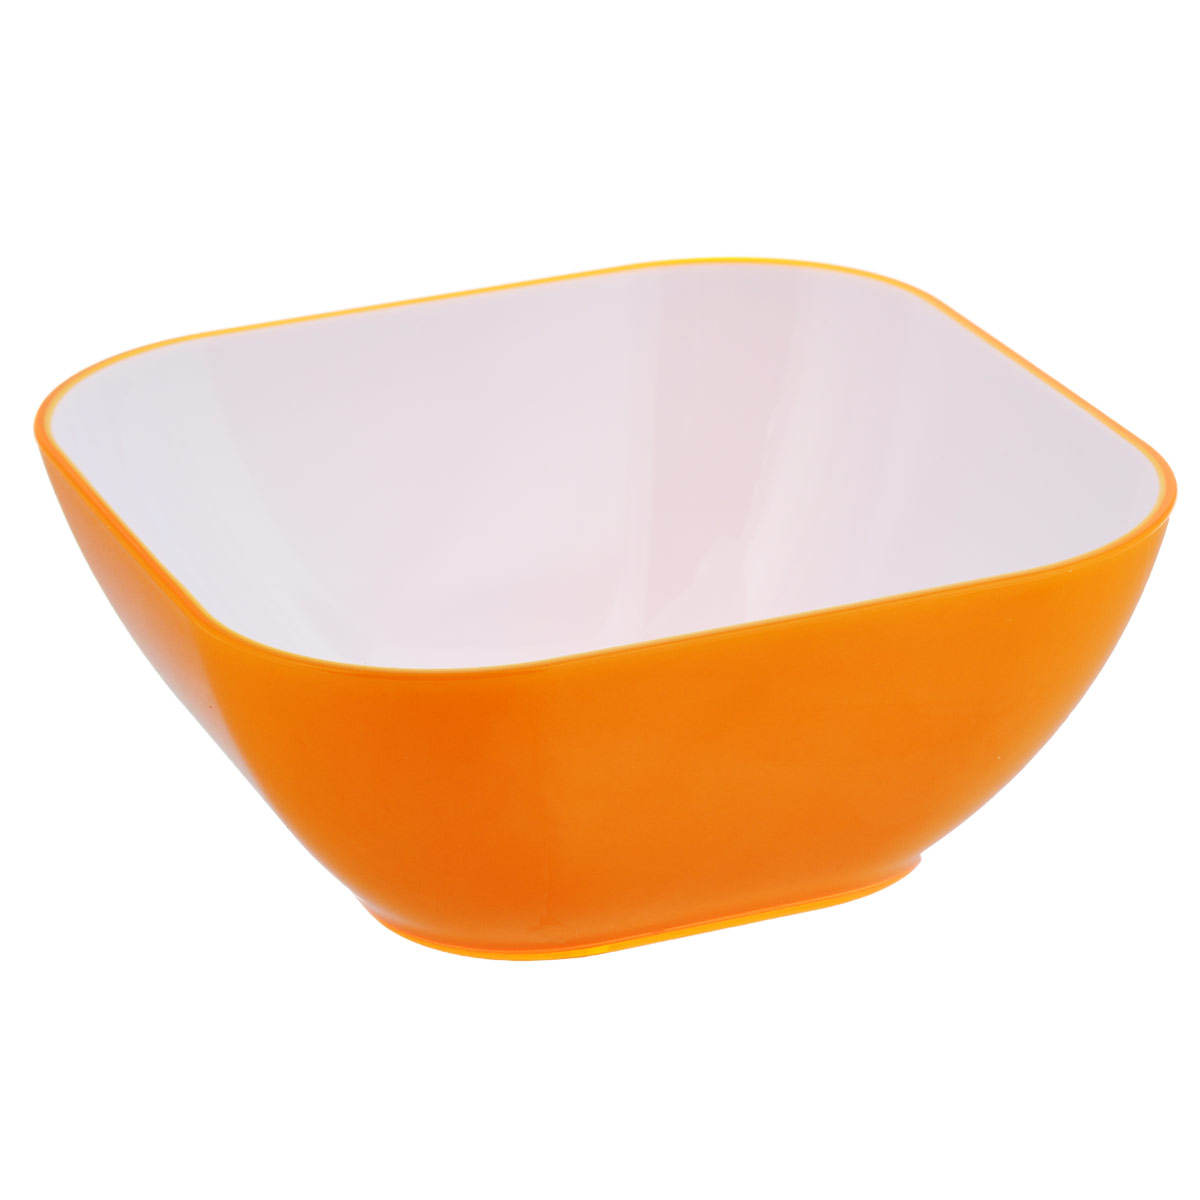 Салатник Bradex, цвет: оранжевый, 3,9 лTK 0130Салатник Bradex выполнен из цветного пищевого пластика, устойчивого к действию уксуса, спирта и масел. Салатник прочный и стойкий к царапинам. Благодаря высококачественным материалам он не впитывает запахи и не изменяет вкусовые качества пищи. Идеально подходит как для домашнего использования, так и для пикников.Яркий салатник создаст веселое летнее настроение за вашим столом, будь то домашний обед или завтрак на природе. Салатник настолько легок в уходе, что не отнимет у вас ни секунды лишнего времени, отведенного на послеобеденный отдых. Стильный и функциональный дизайн, легко моется.Объем: 3,9 л.